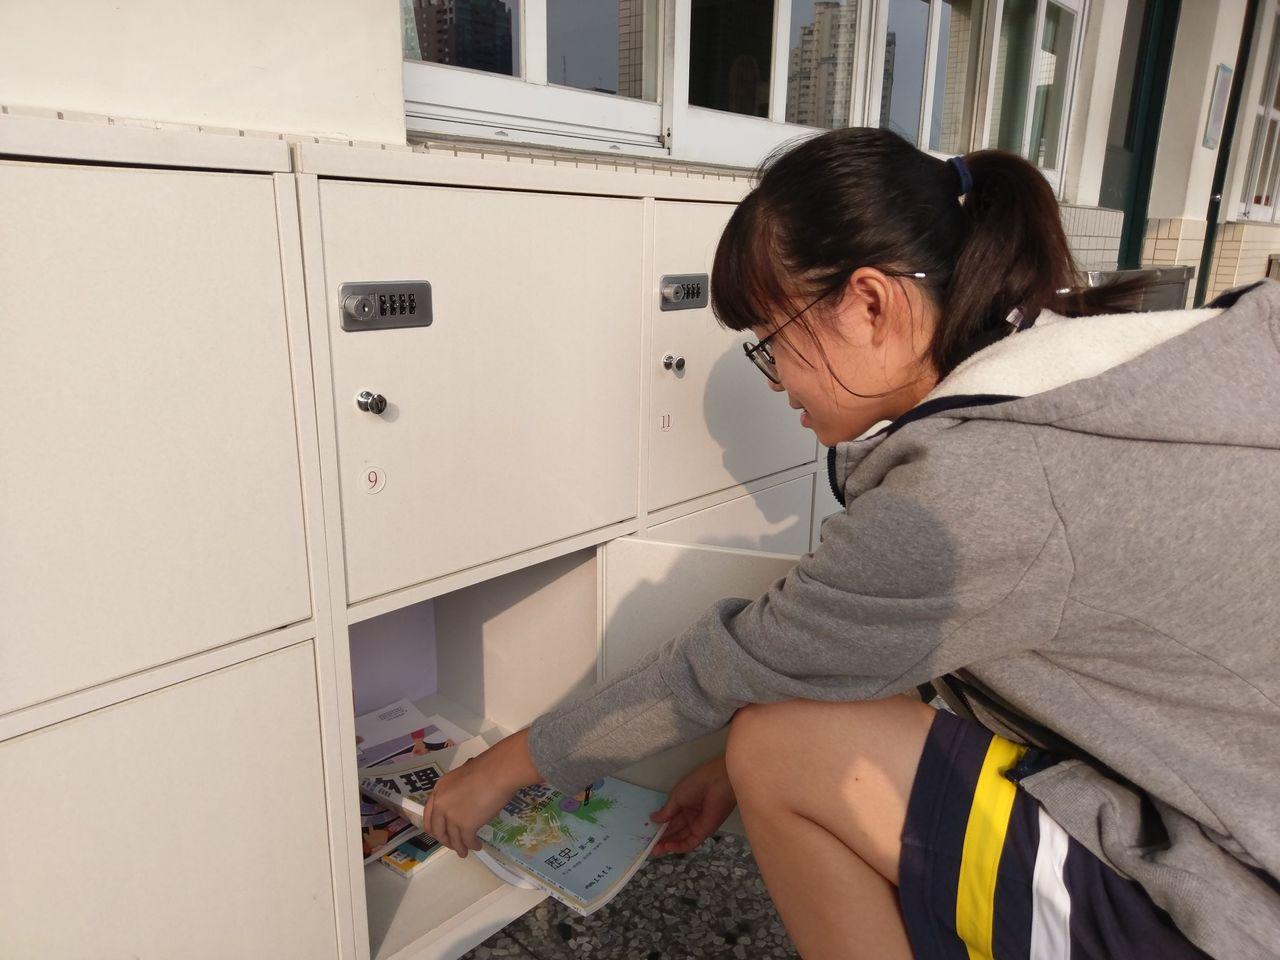 108課綱學生跑班上課,忠明高中每一班學生都有專屬置物櫃,「一人一櫃,密碼上鎖」...